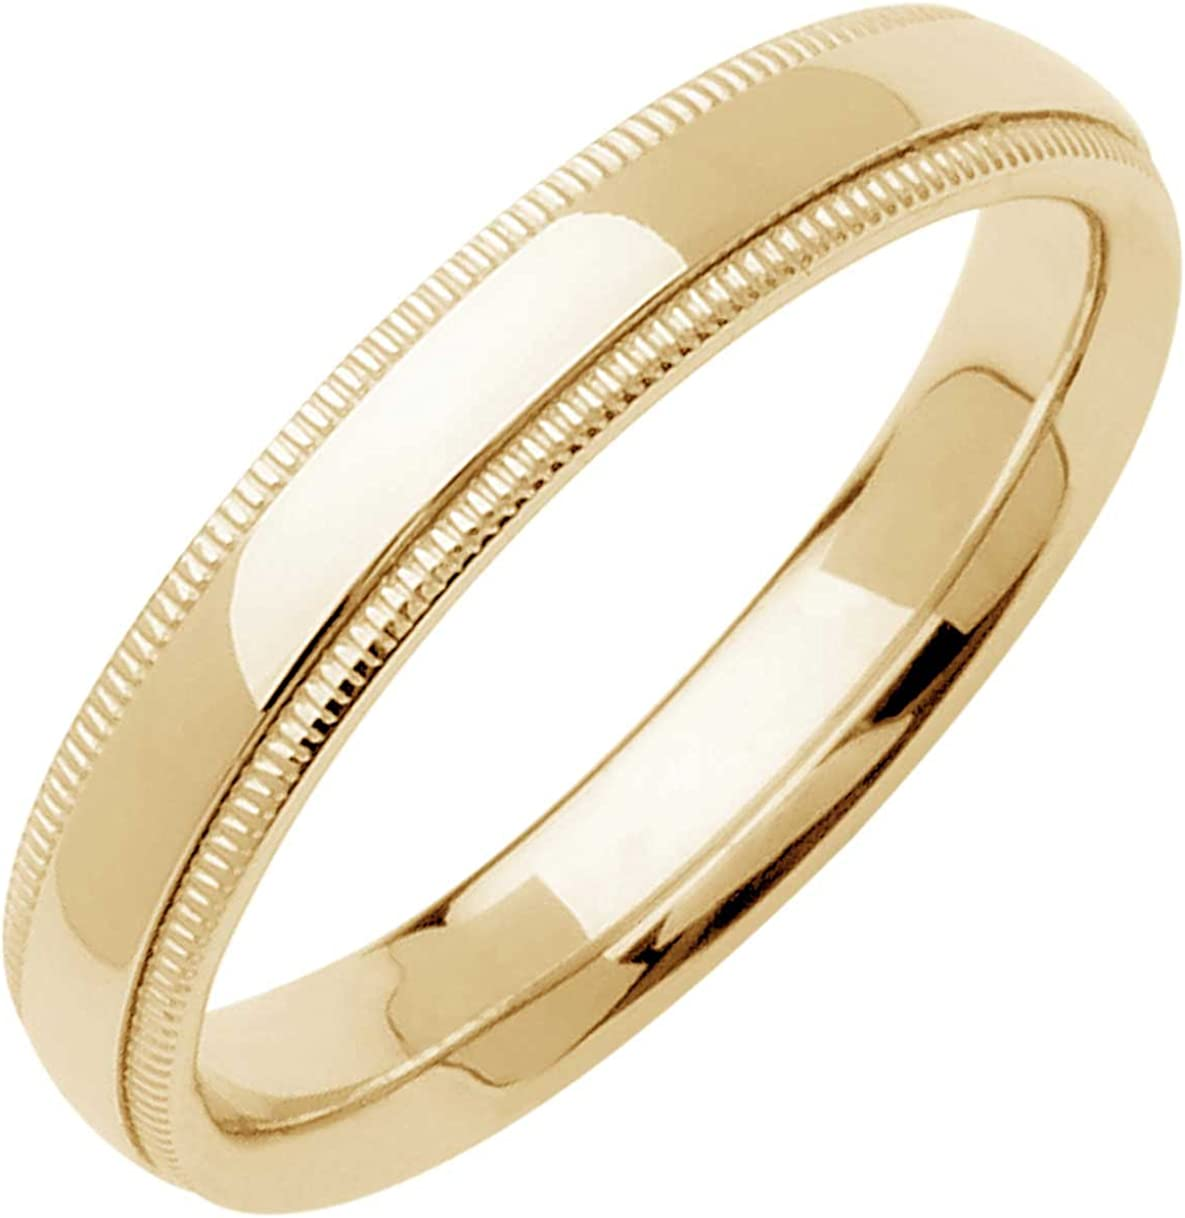 14K White Gold Wedding Band 3mm Milgrain Edges Domed Classy Comfort Fit Ring